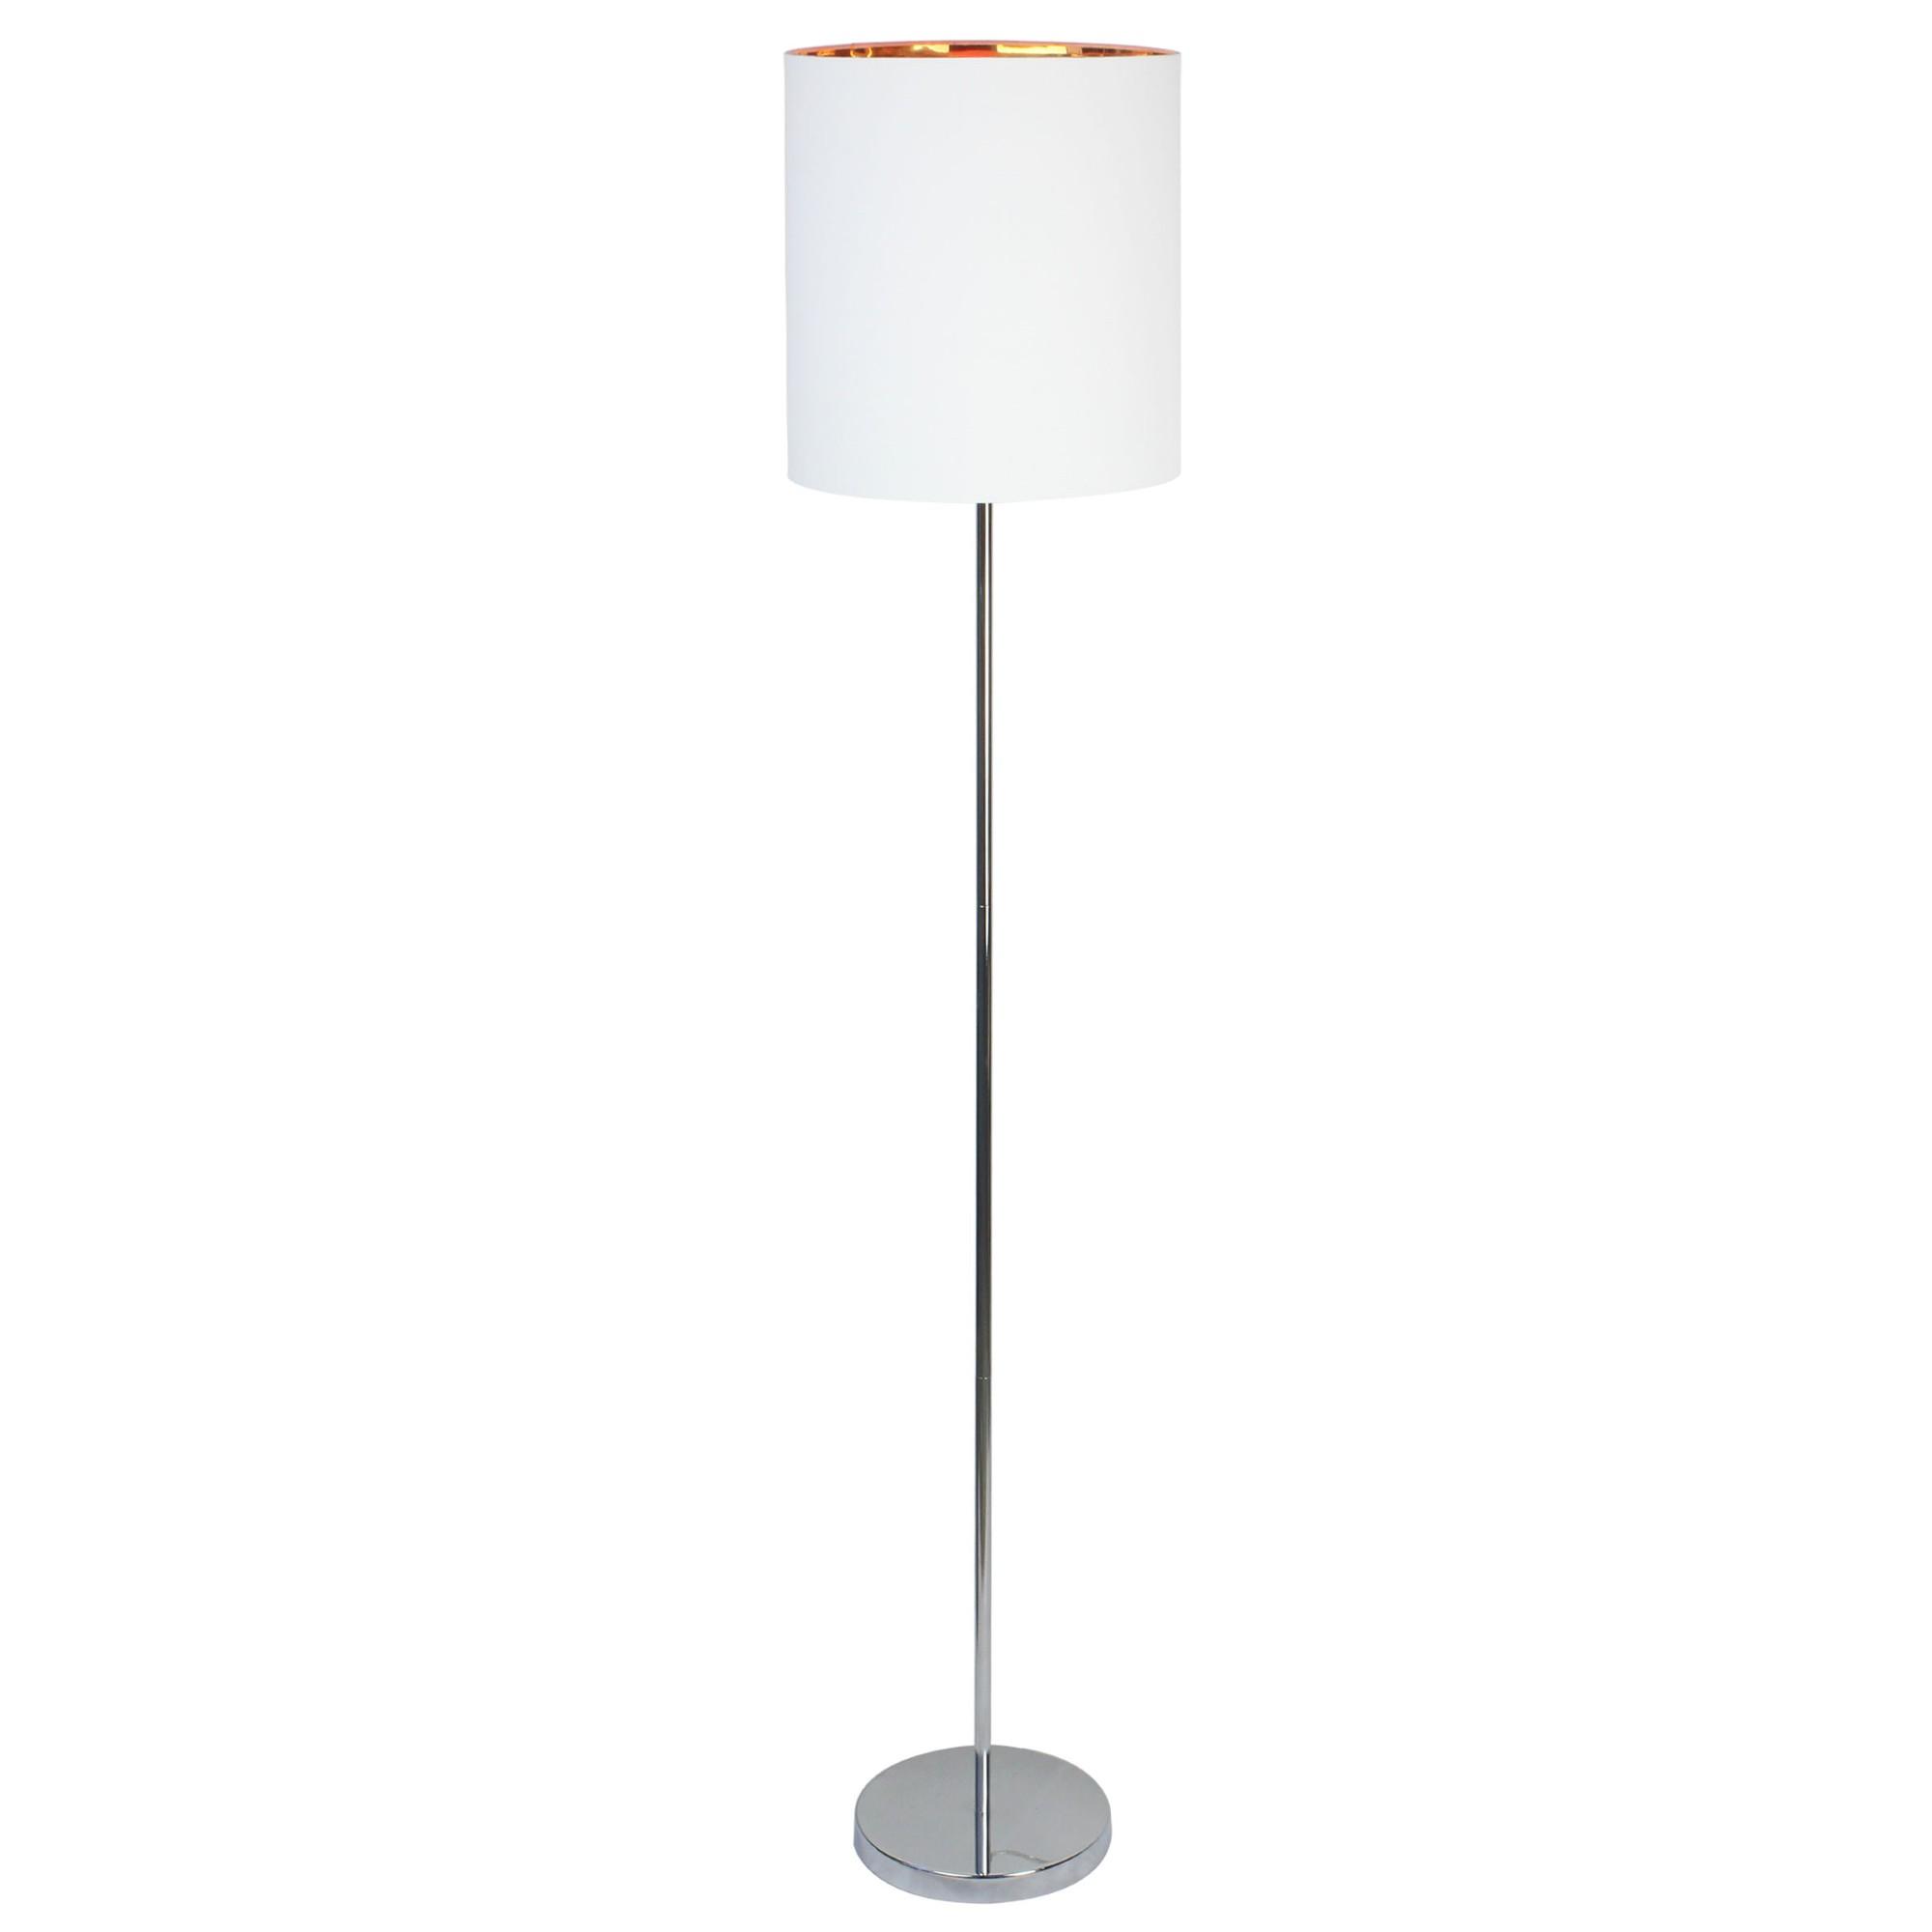 Luminaria Coluna de Aco e Tecido 165m Branca 7570 - Ecoline